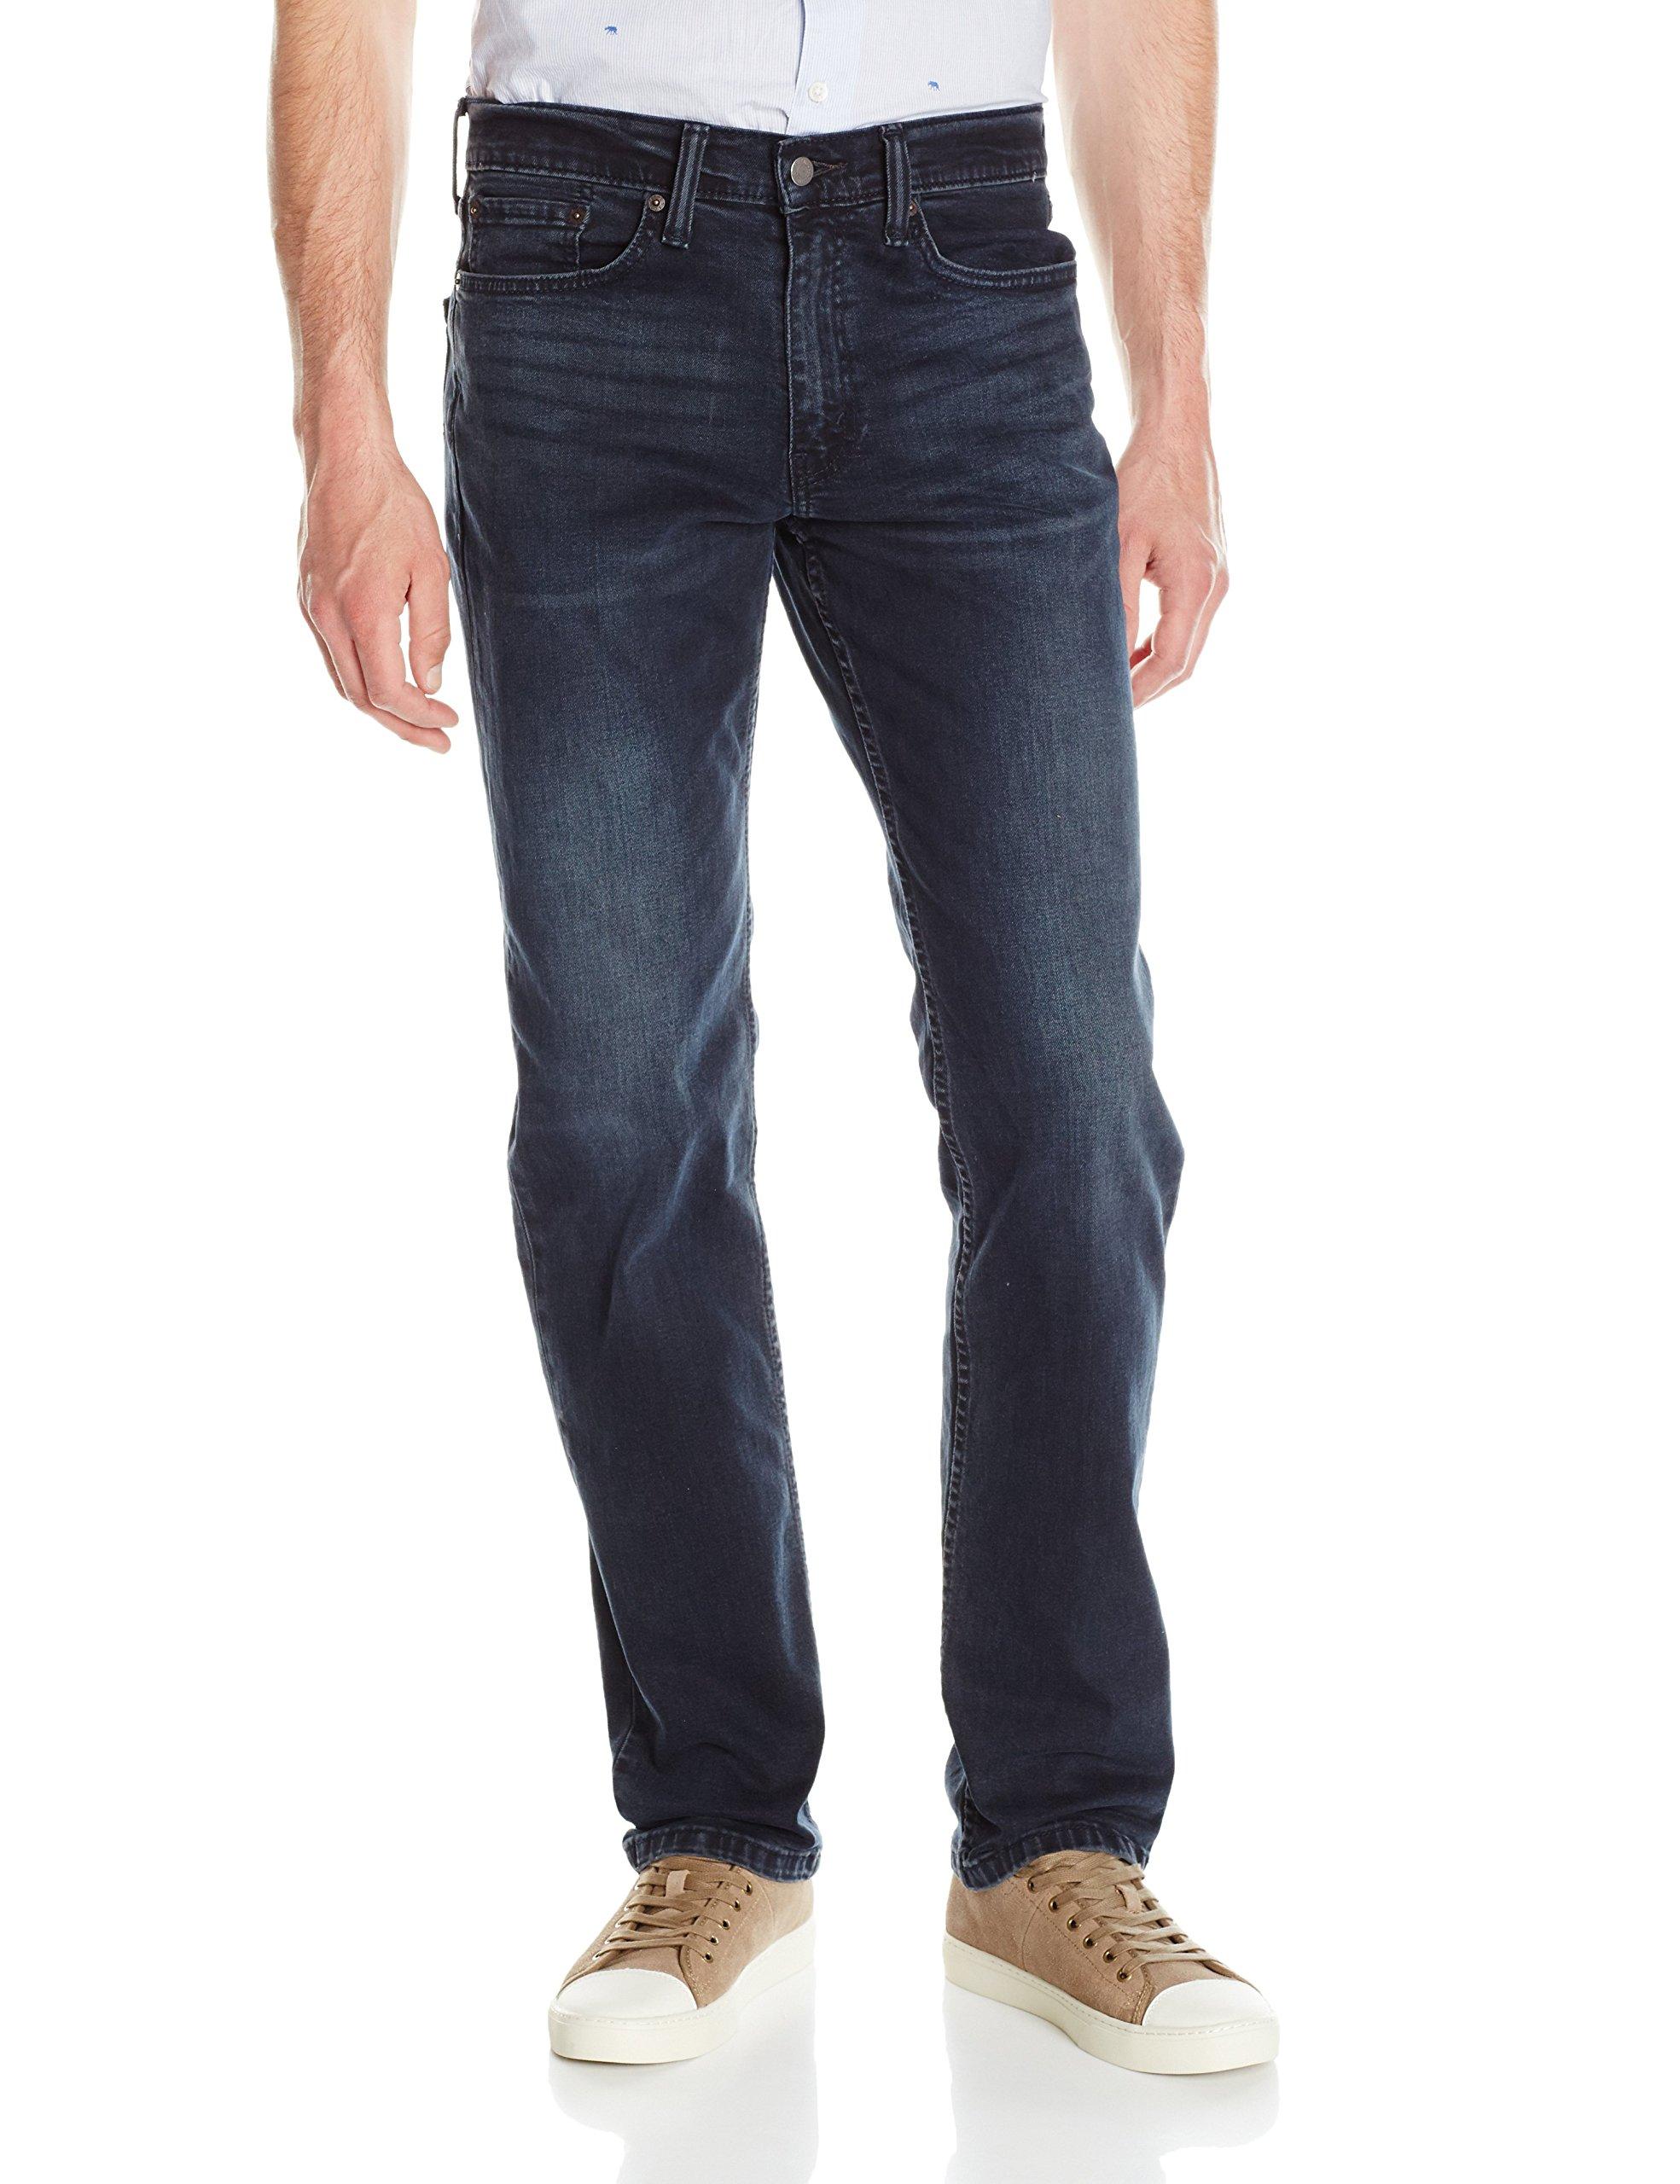 Levi's Men's 514 Straight Fit Stretch Jeans - 36W x 32L - Ship Yard